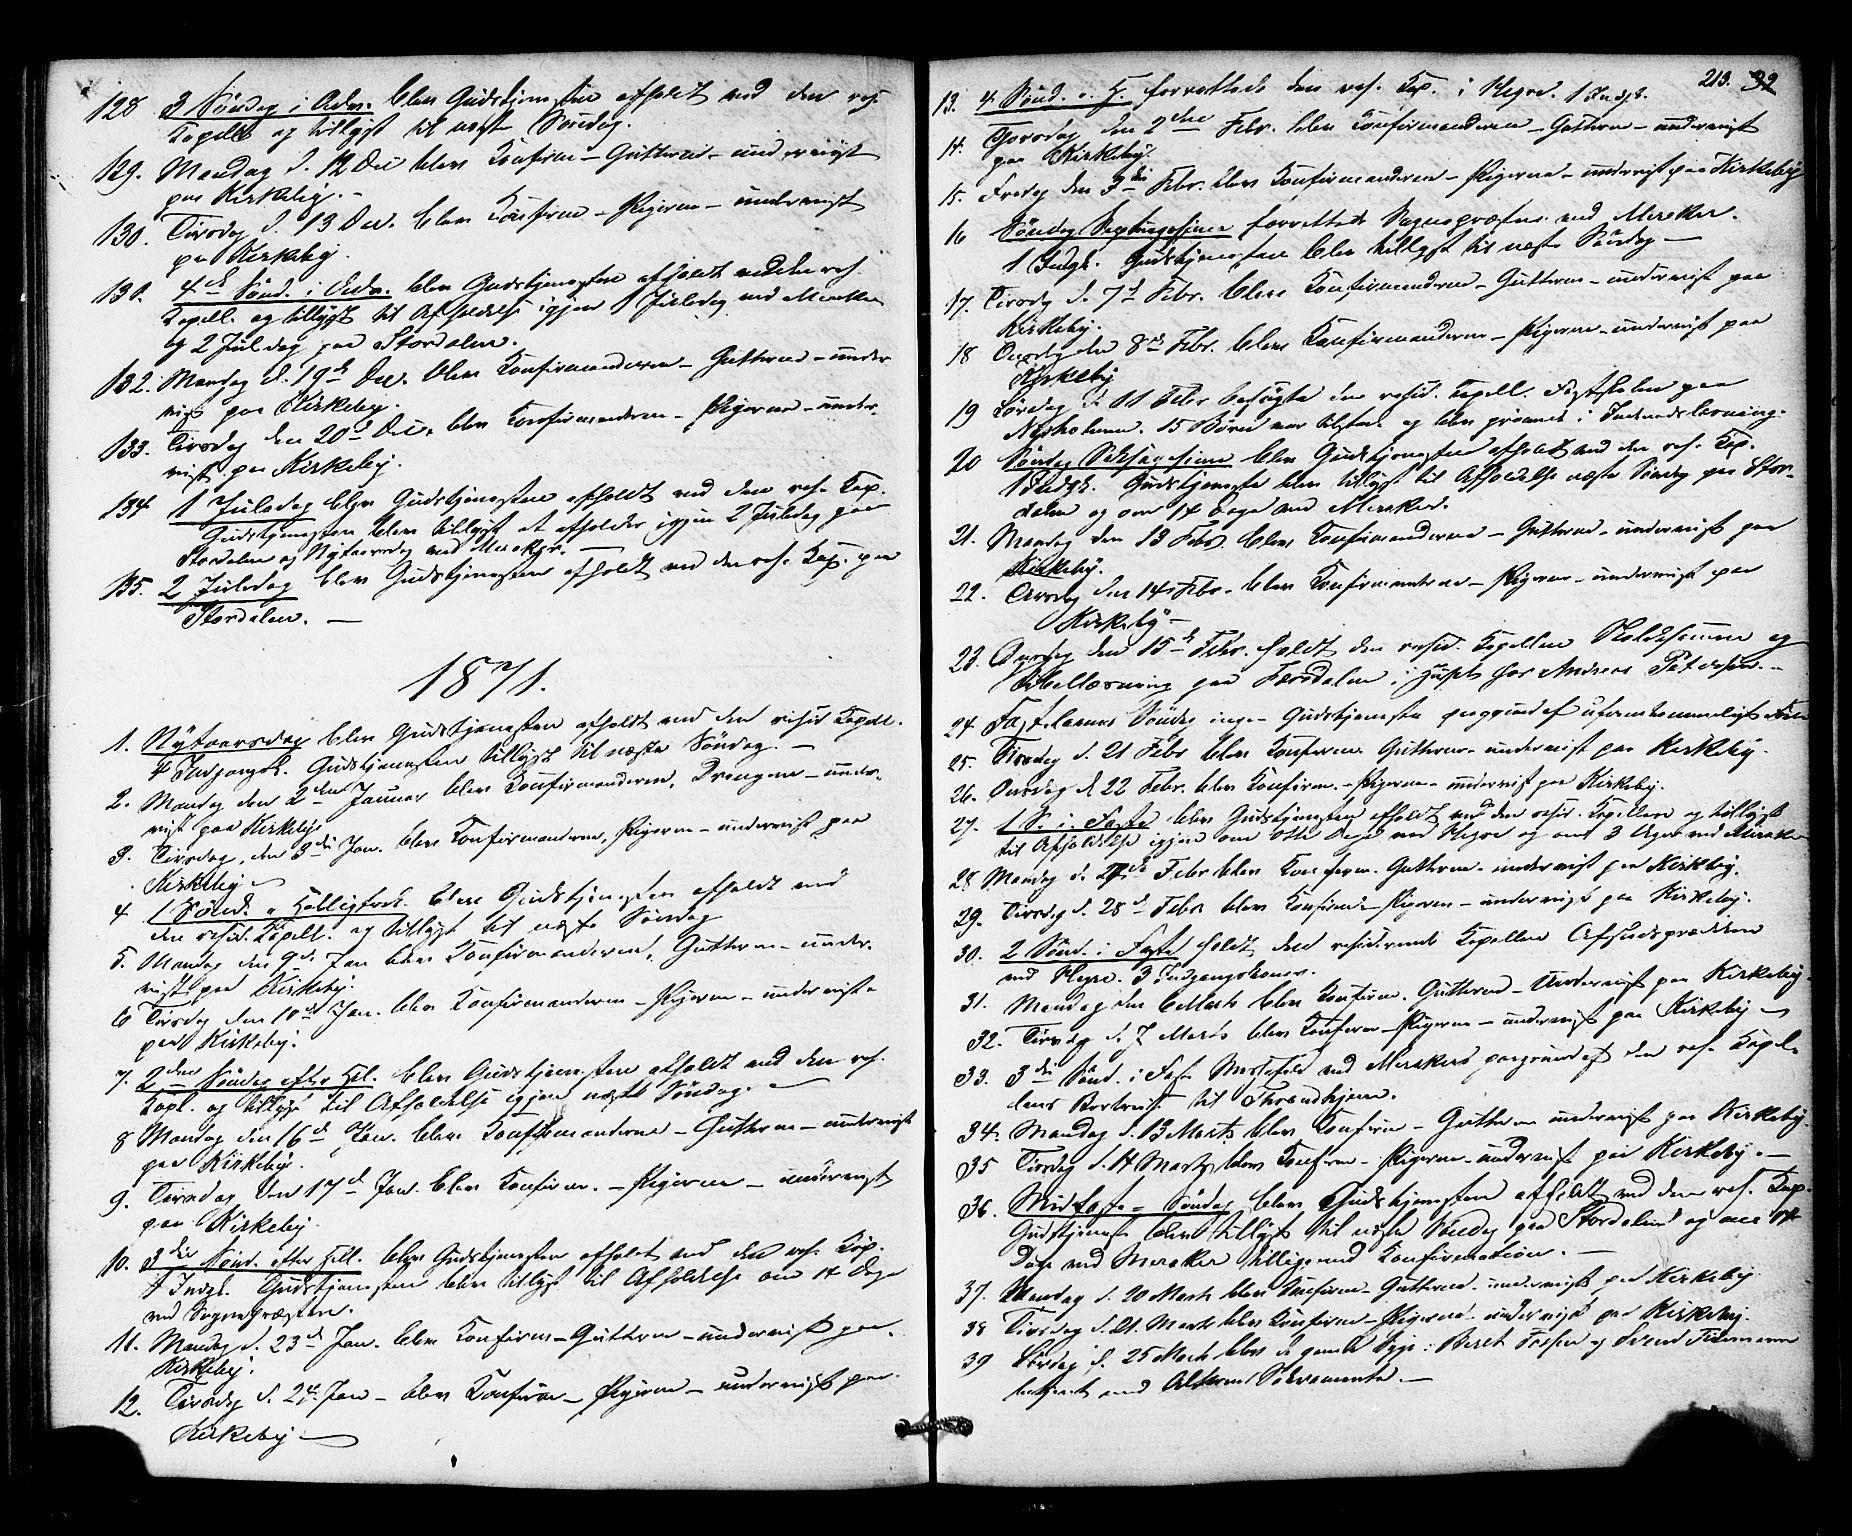 SAT, Ministerialprotokoller, klokkerbøker og fødselsregistre - Nord-Trøndelag, 706/L0041: Ministerialbok nr. 706A02, 1862-1877, s. 213